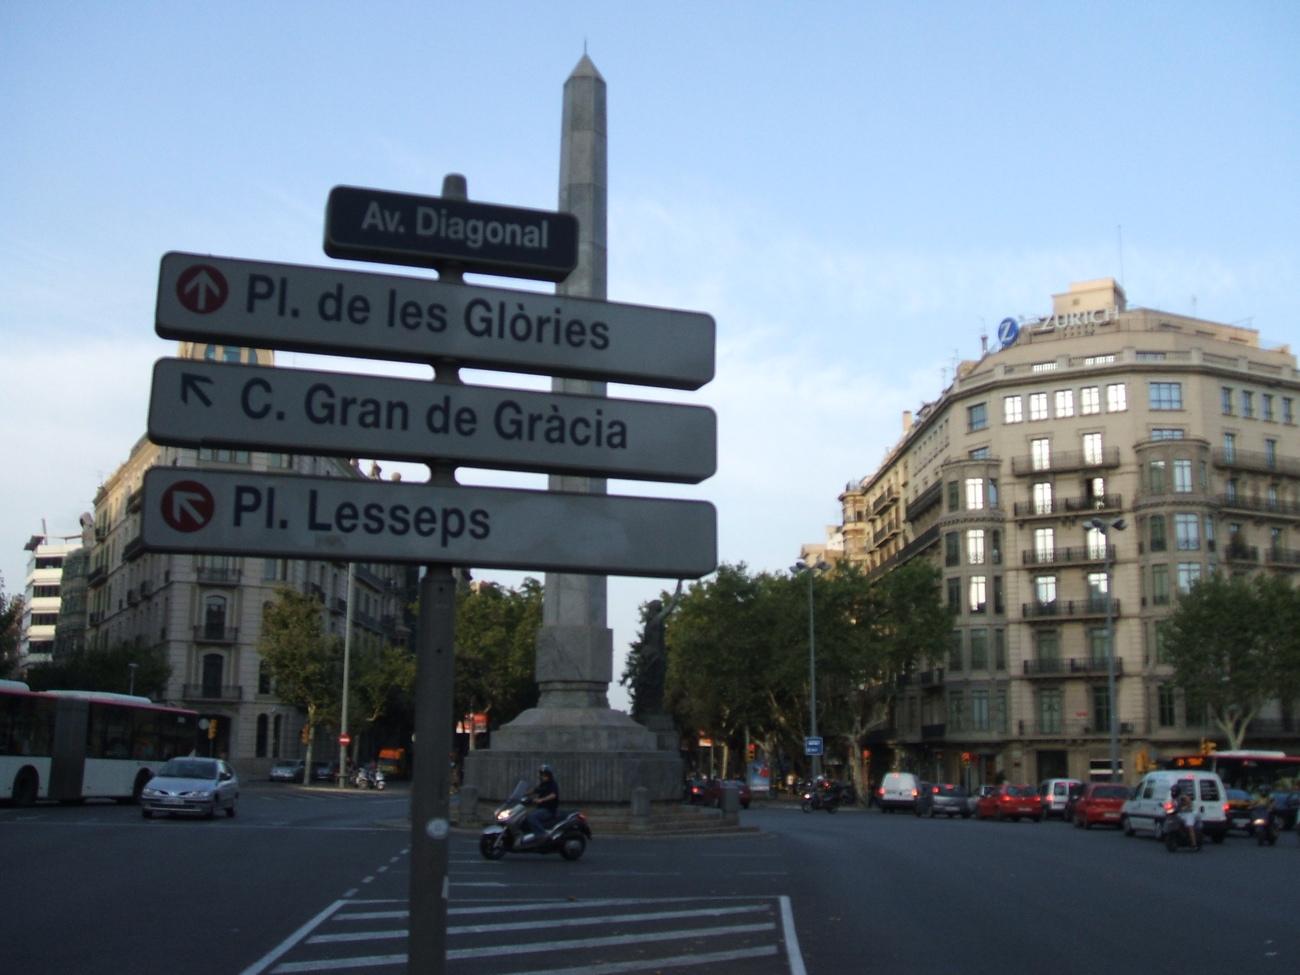 20071115172351avinguda_diagonal_barcelona